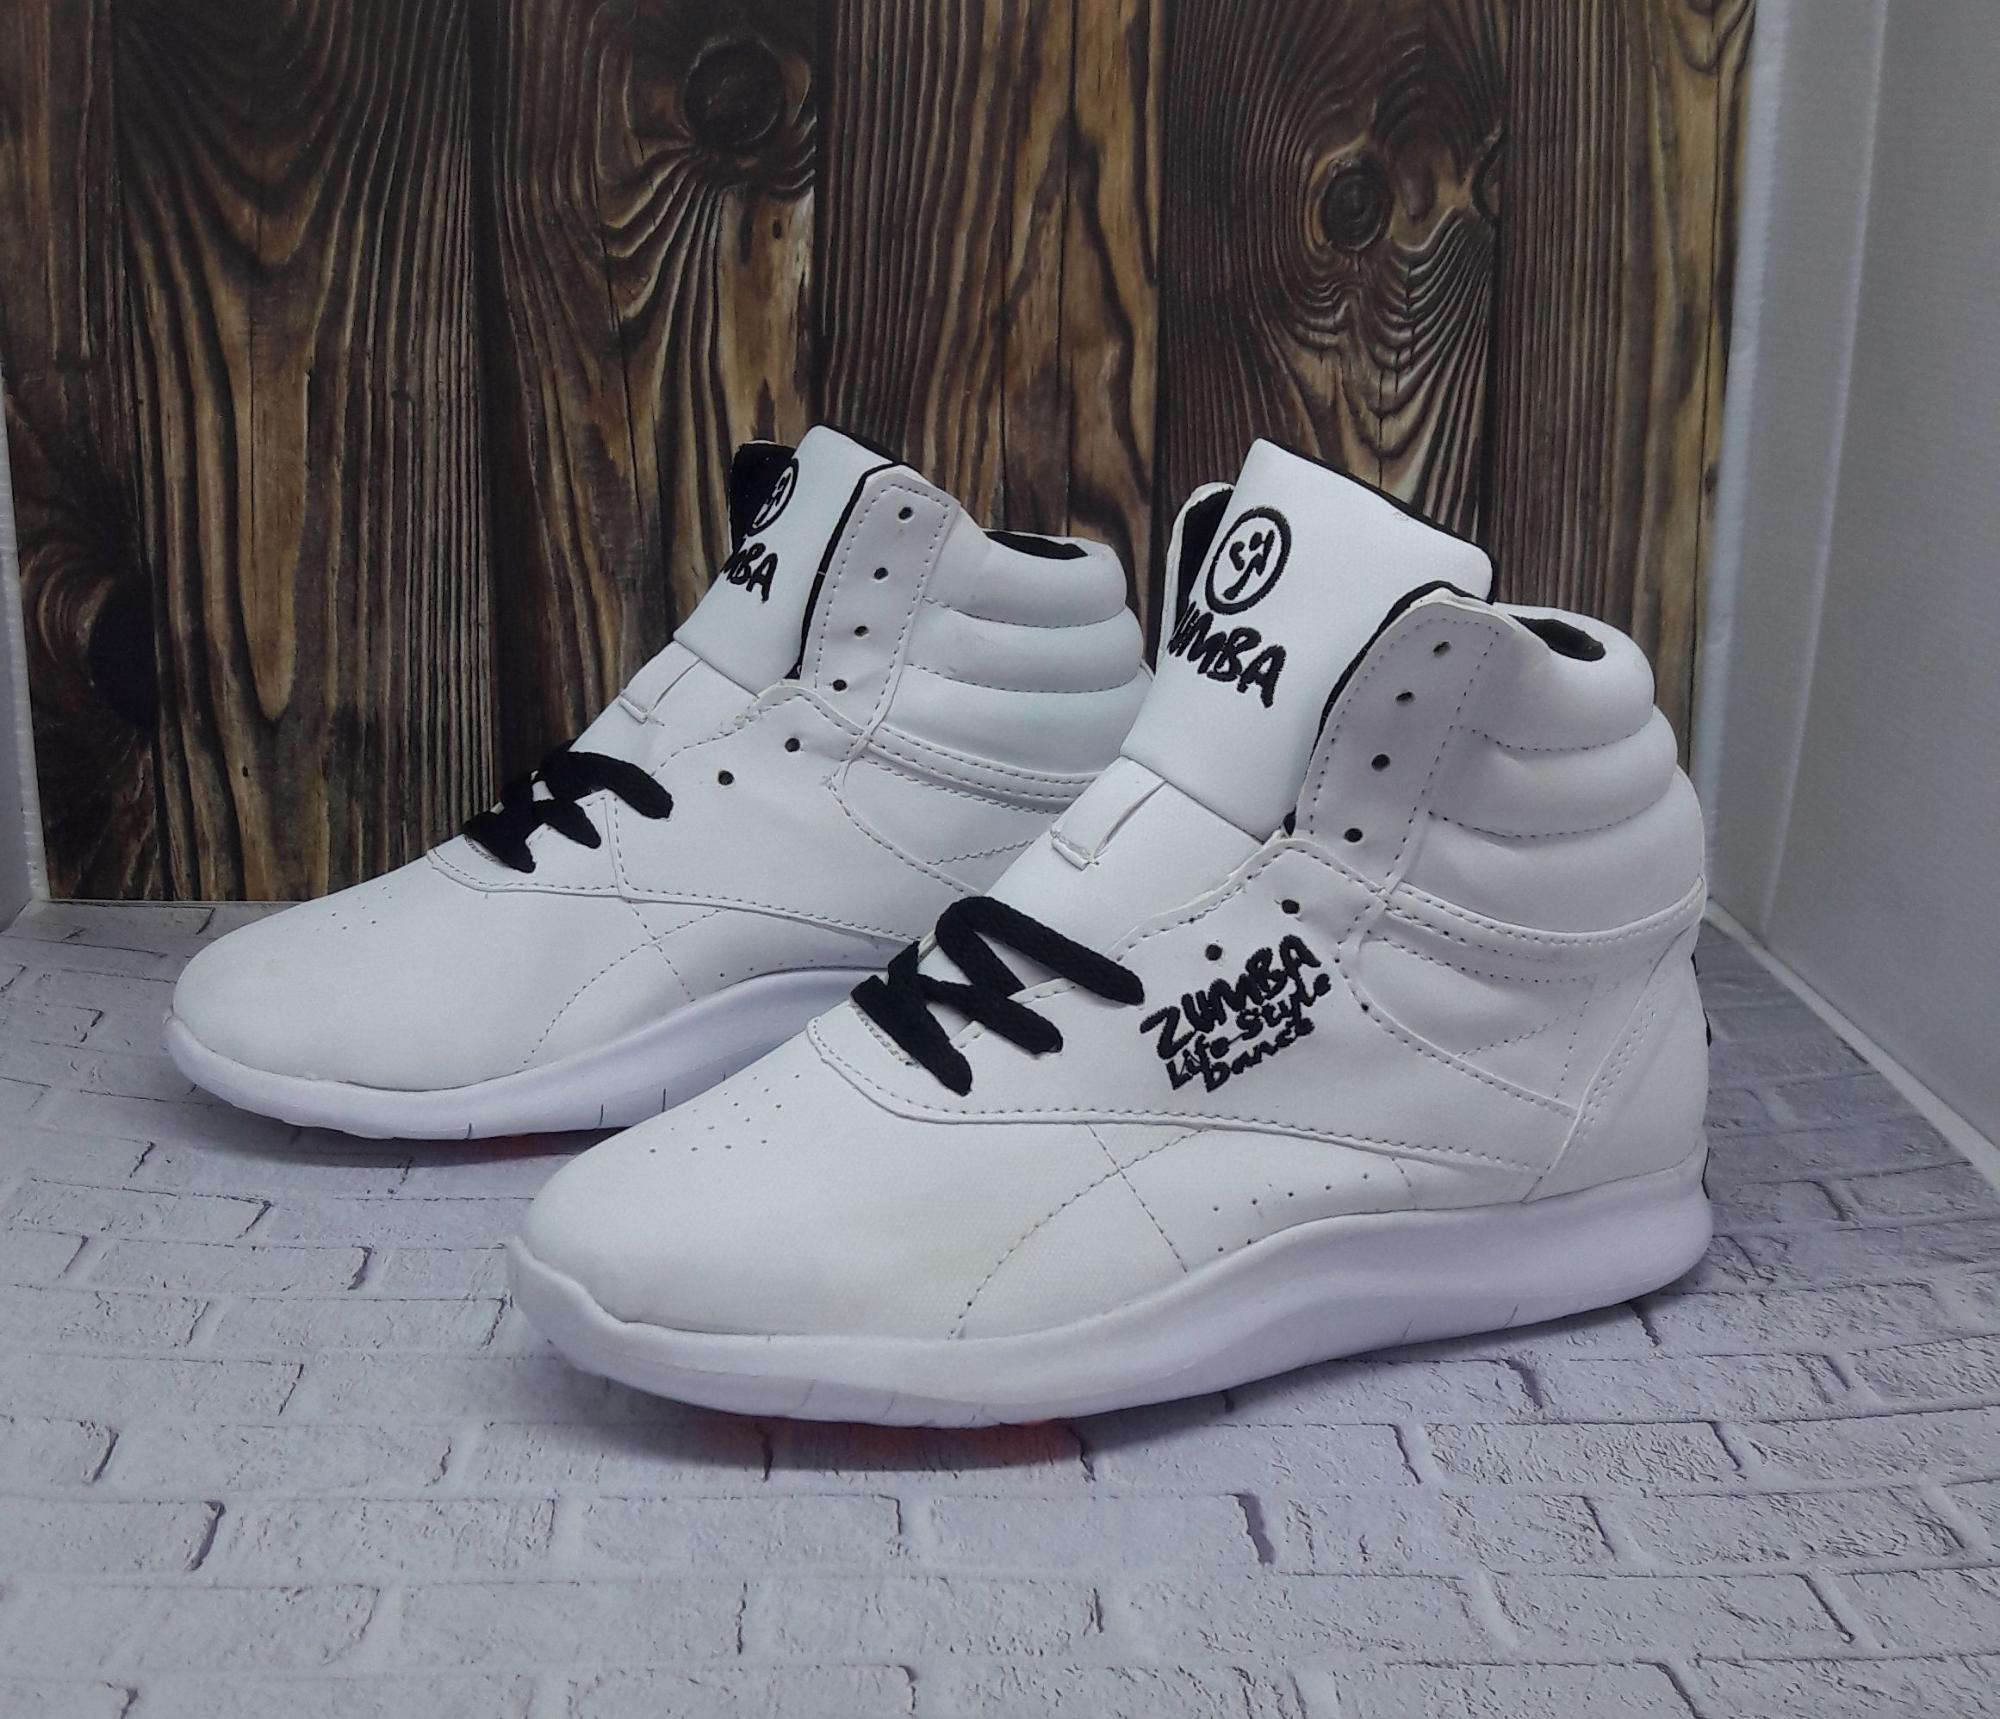 Sepatu zumba white